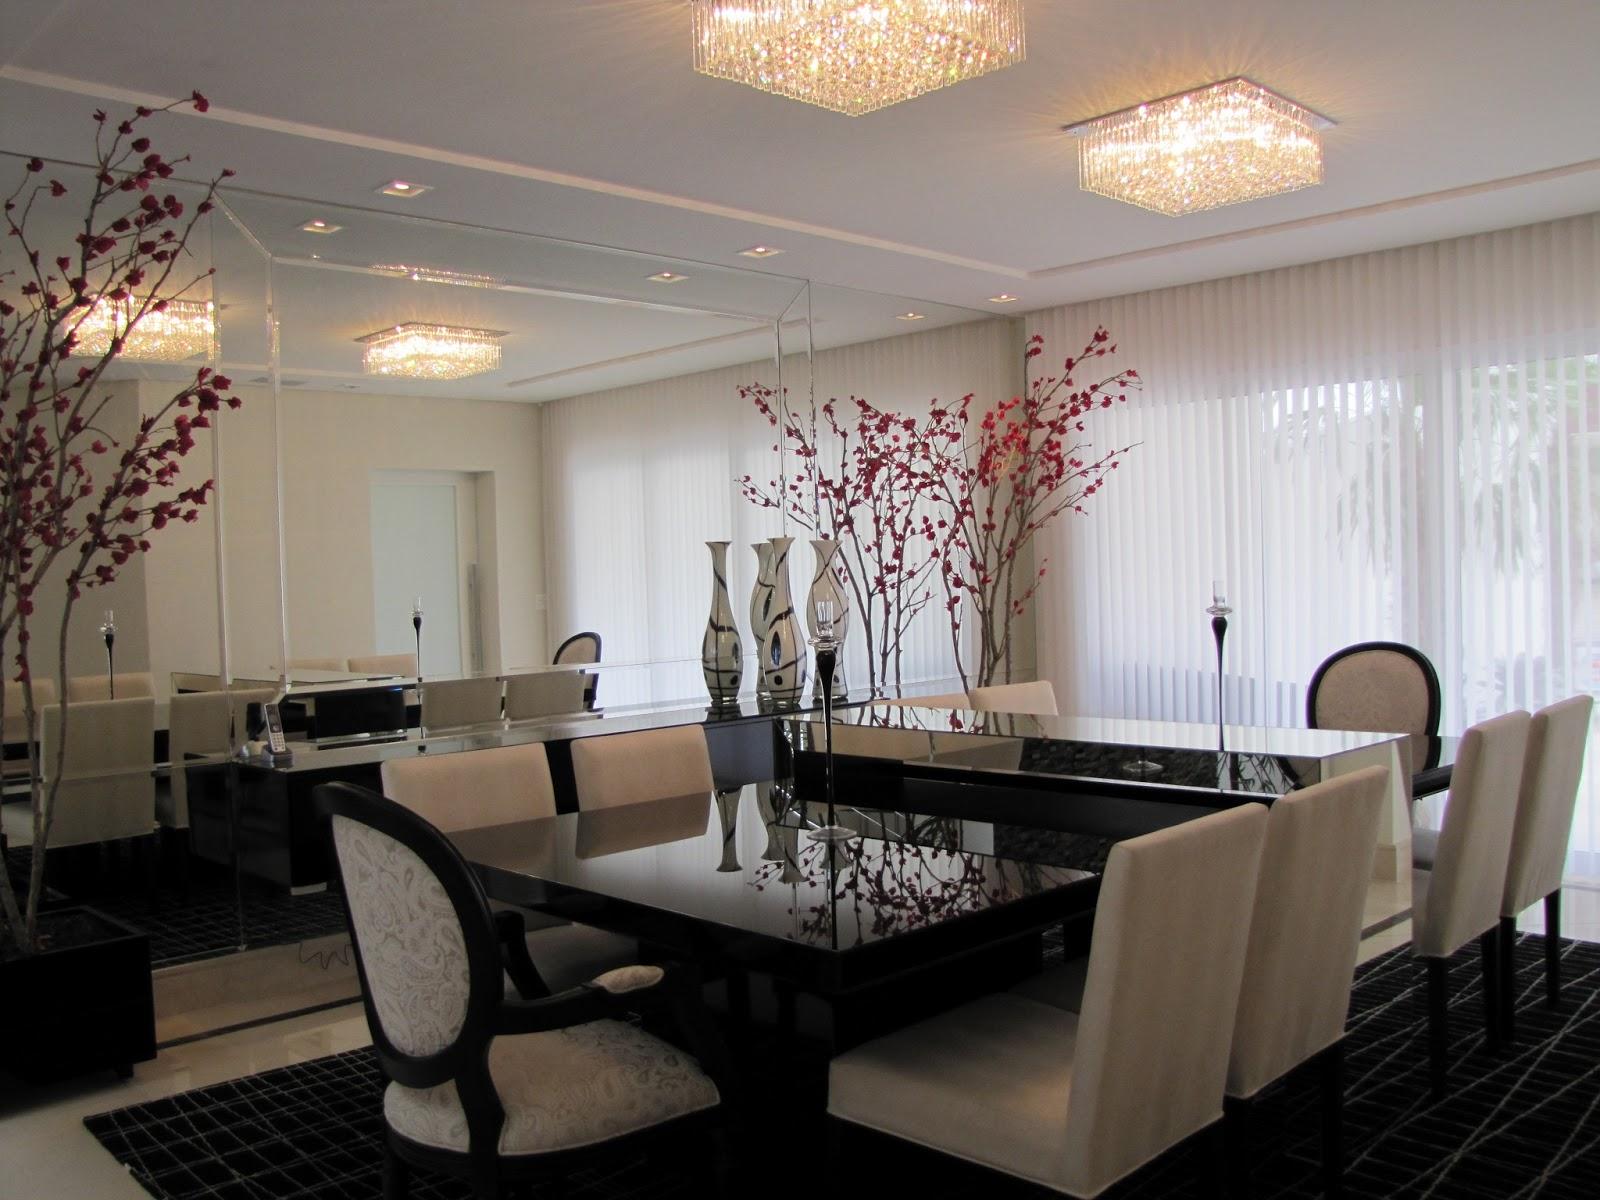 #966835 sala de jantar e estar pequenas no mesmo ambienteIdéias de  1600x1200 píxeis em Decoração De Sala De Estar Com Jantar Pequena